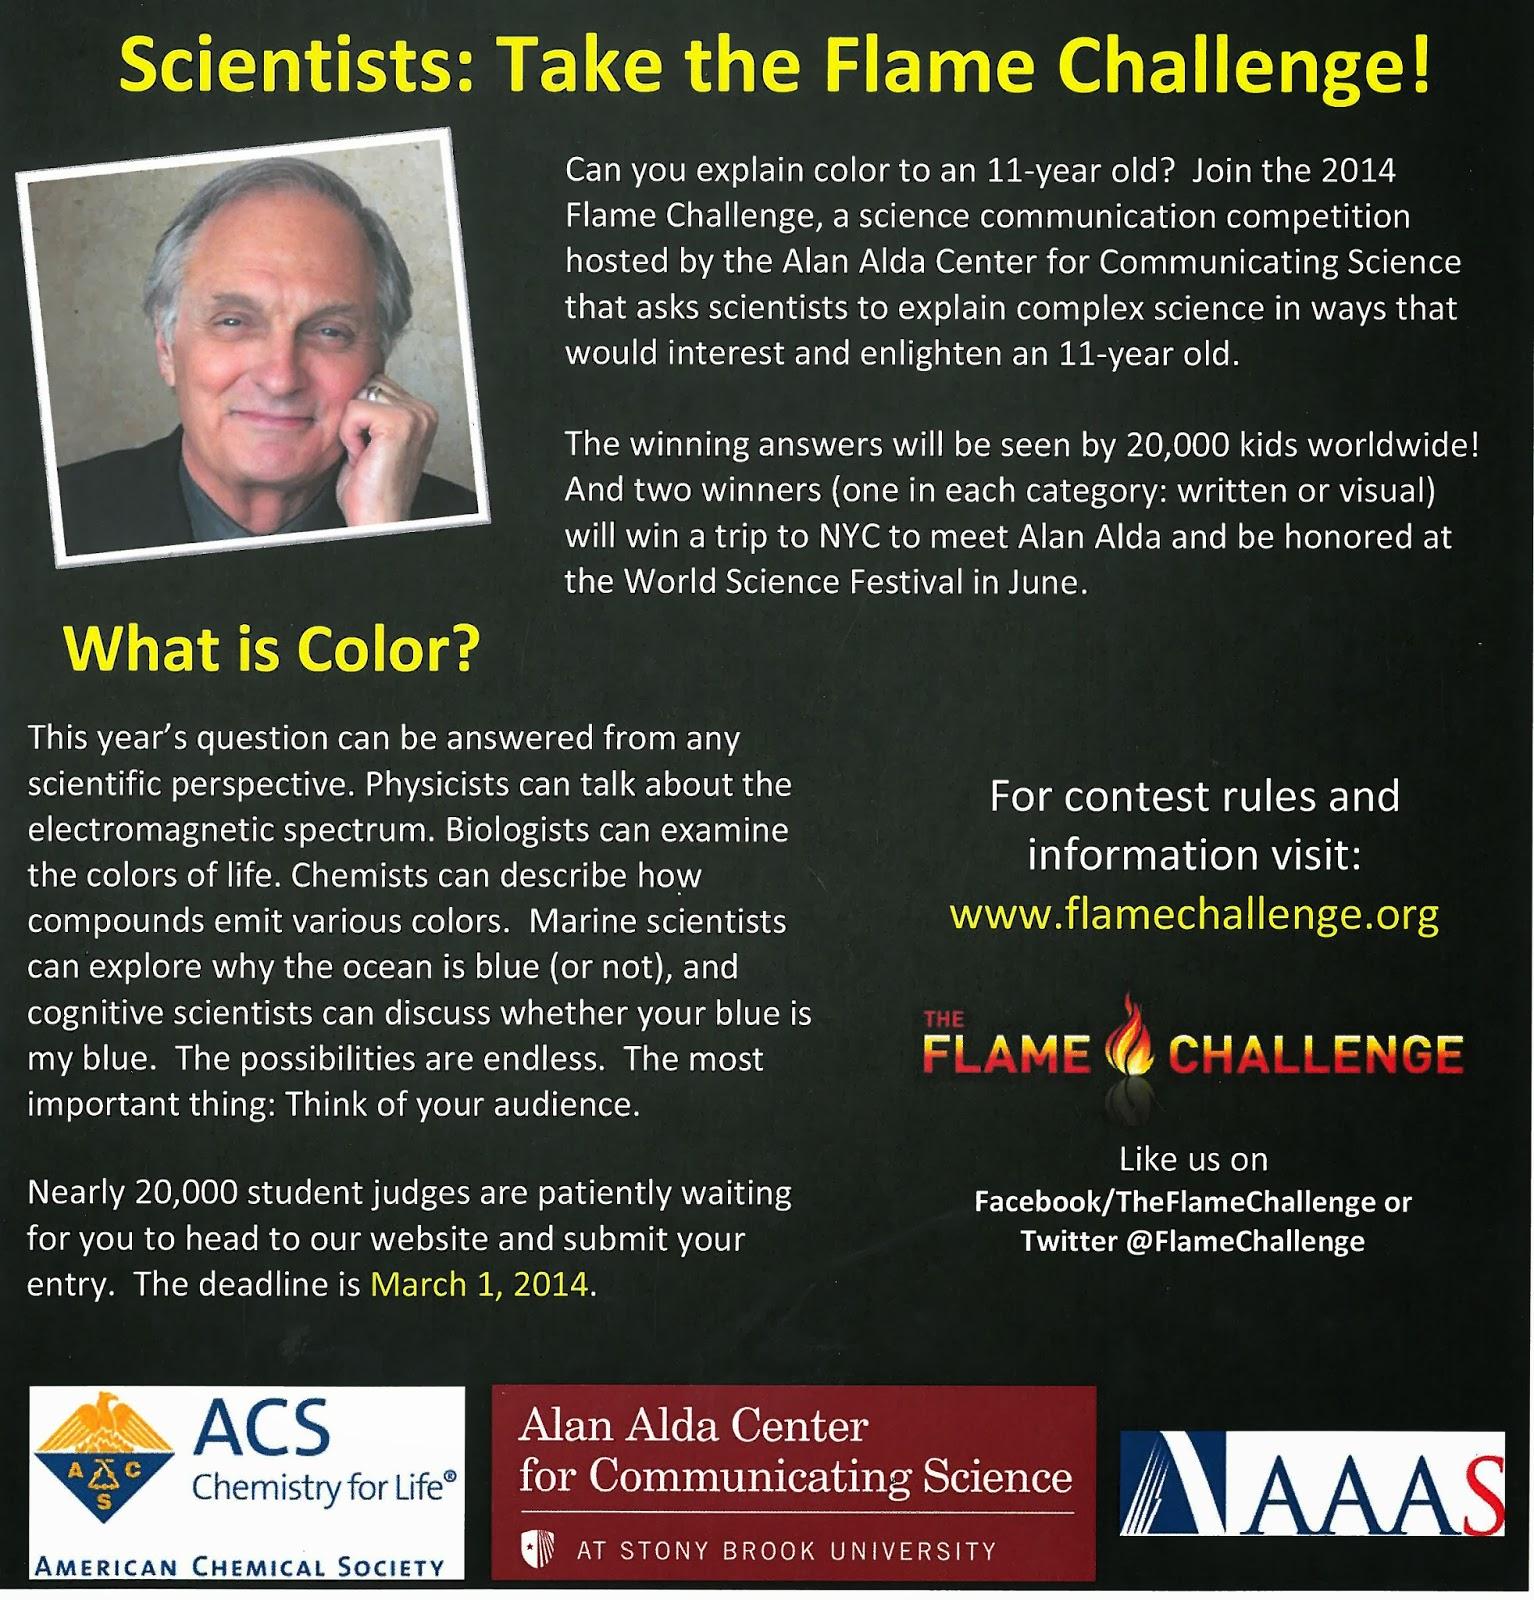 www.flamechallenge.org